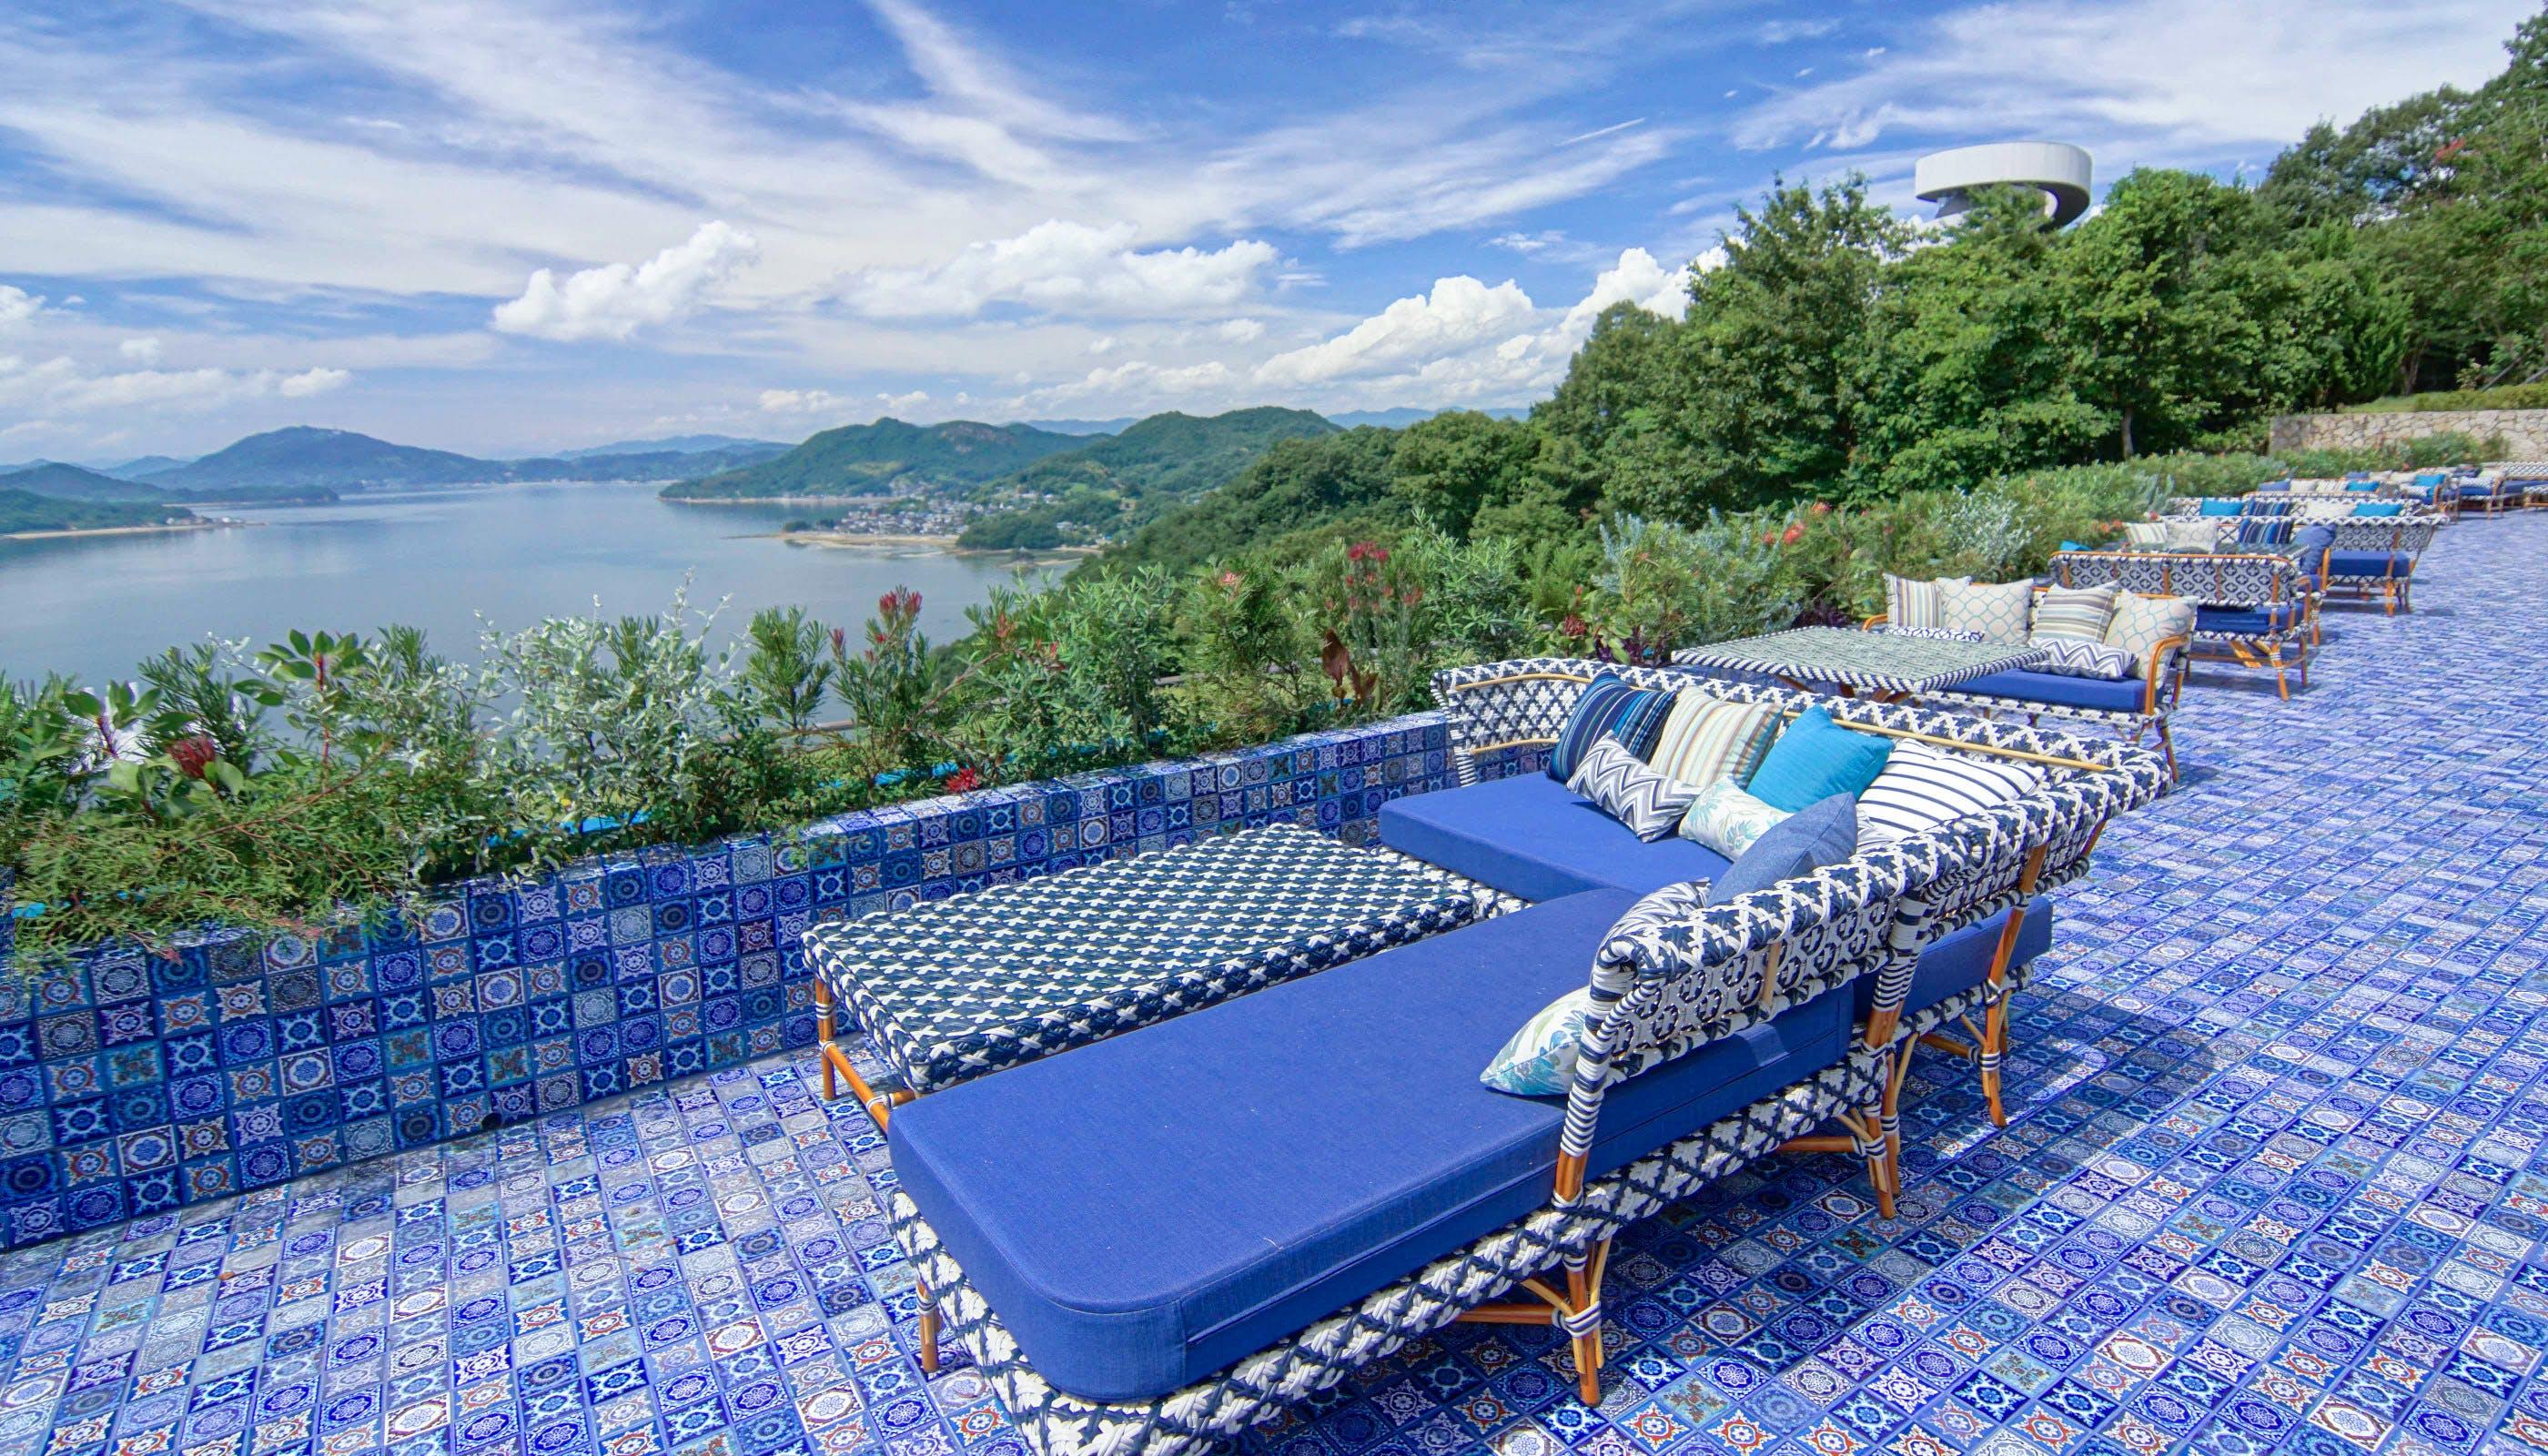 2020年に行きたい、海外旅行気分を満喫できる国内ホテル(西日本編)